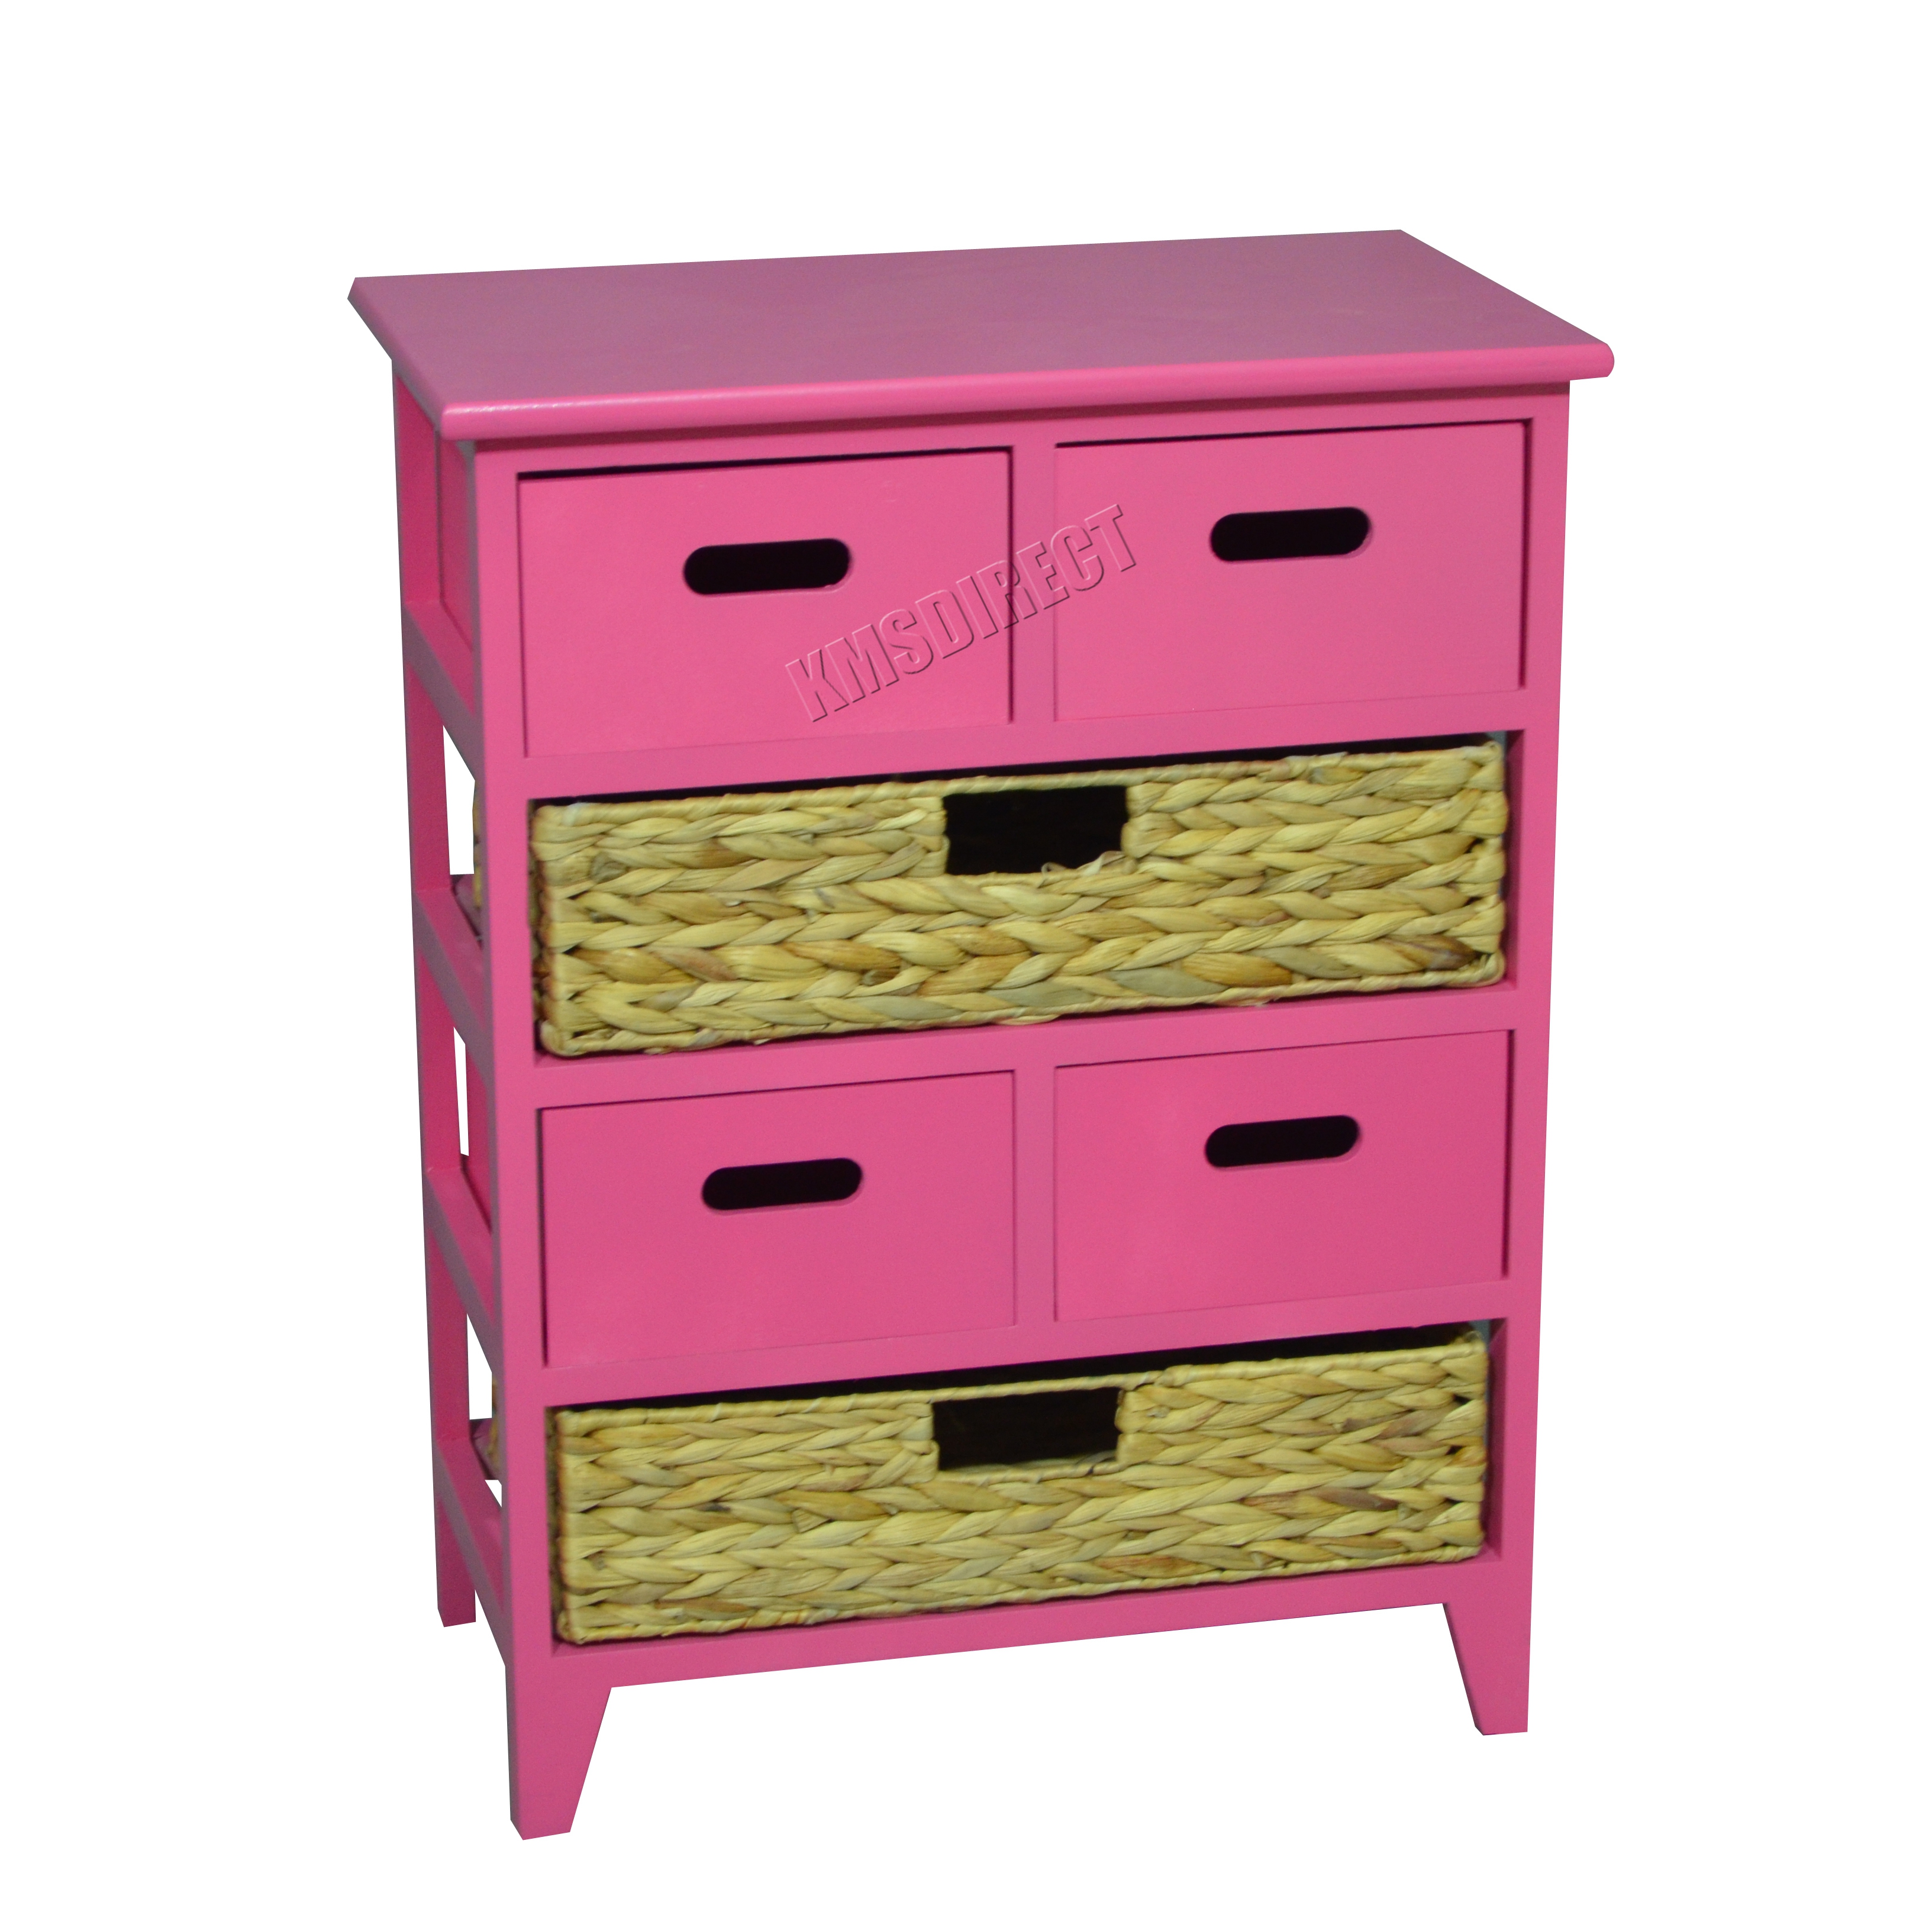 westwood table de chevet unit avec panier en osier x. Black Bedroom Furniture Sets. Home Design Ideas